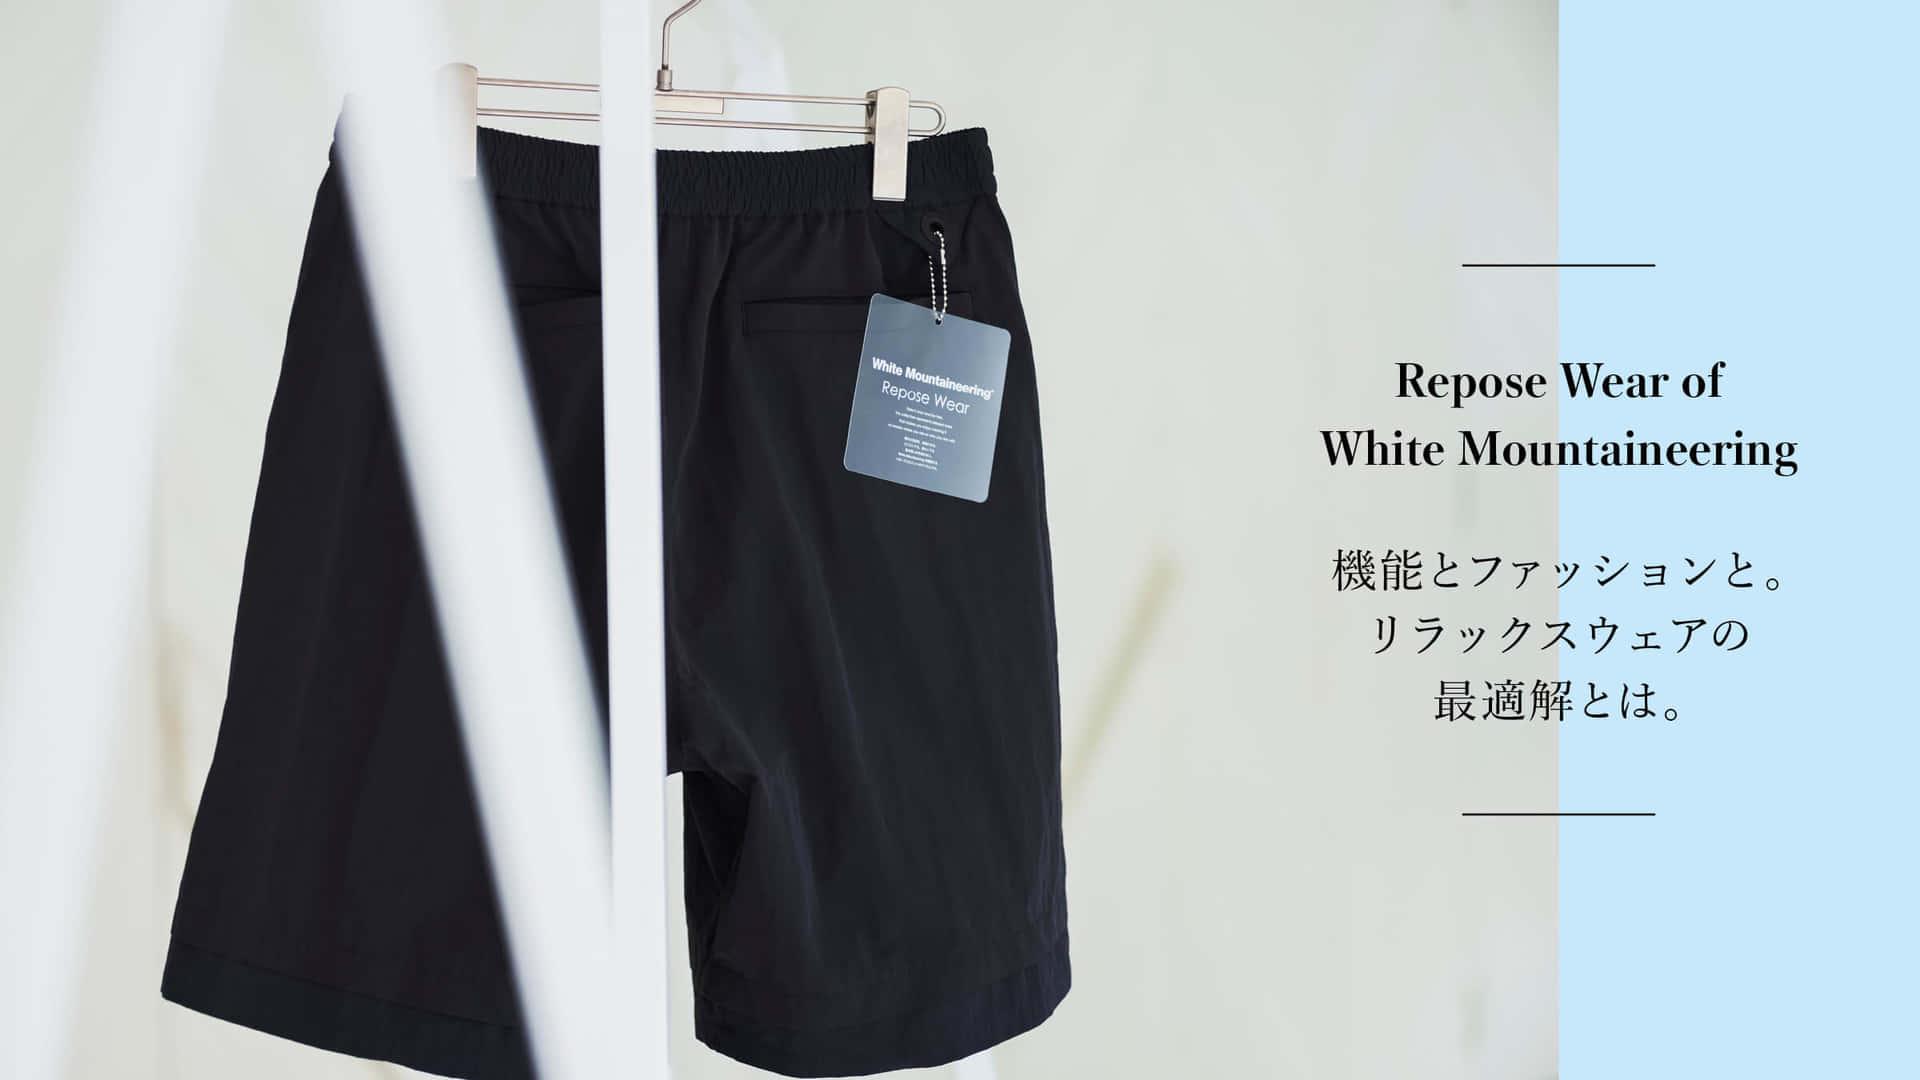 機能とファッションと。 リラックスウェアの最適解とは。